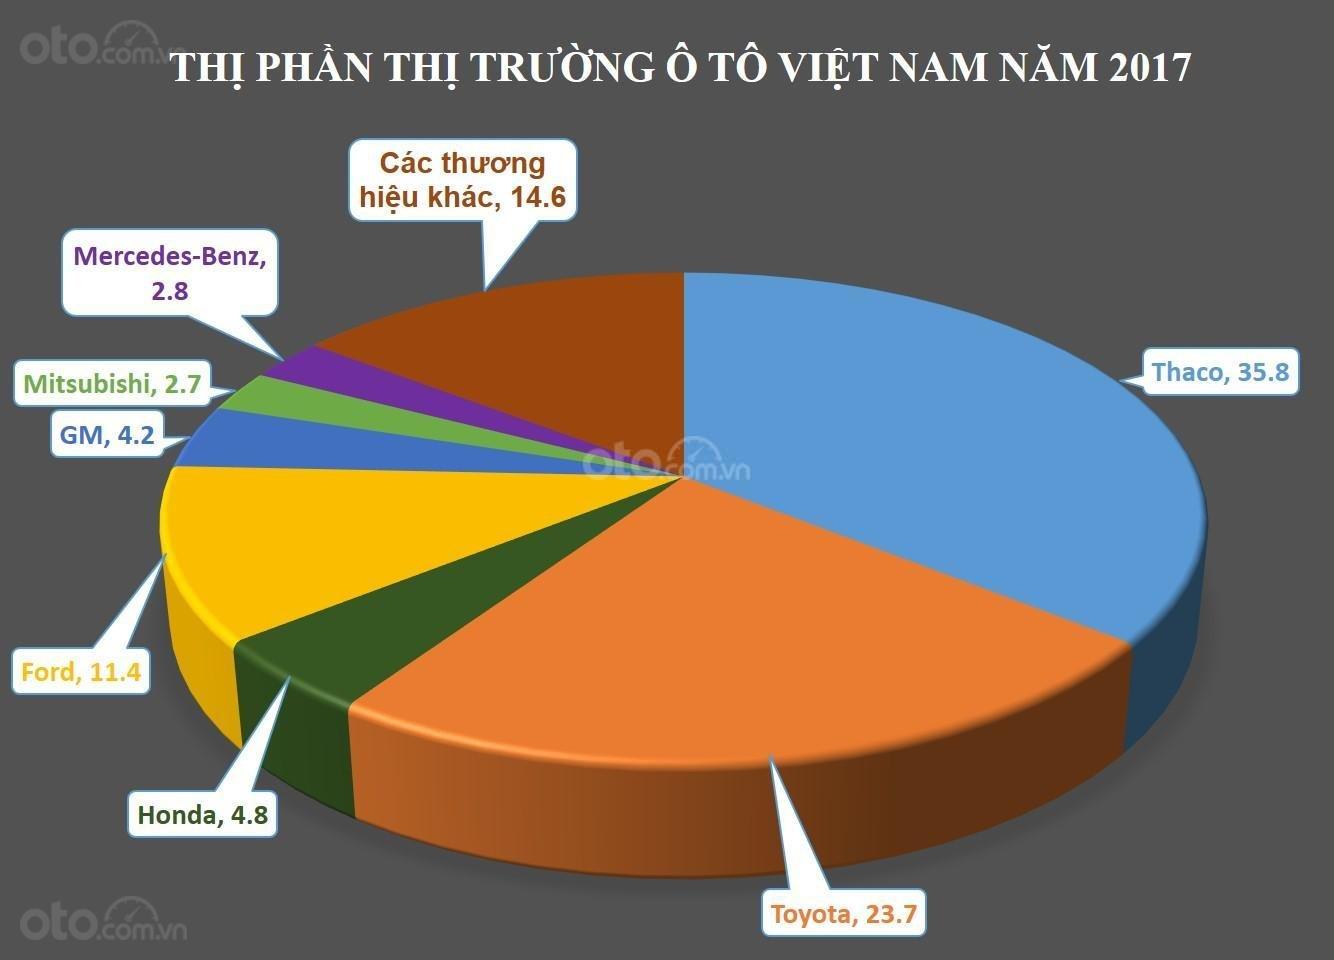 Biểu đồ thị phần ô tô Việt Nam năm 2017...